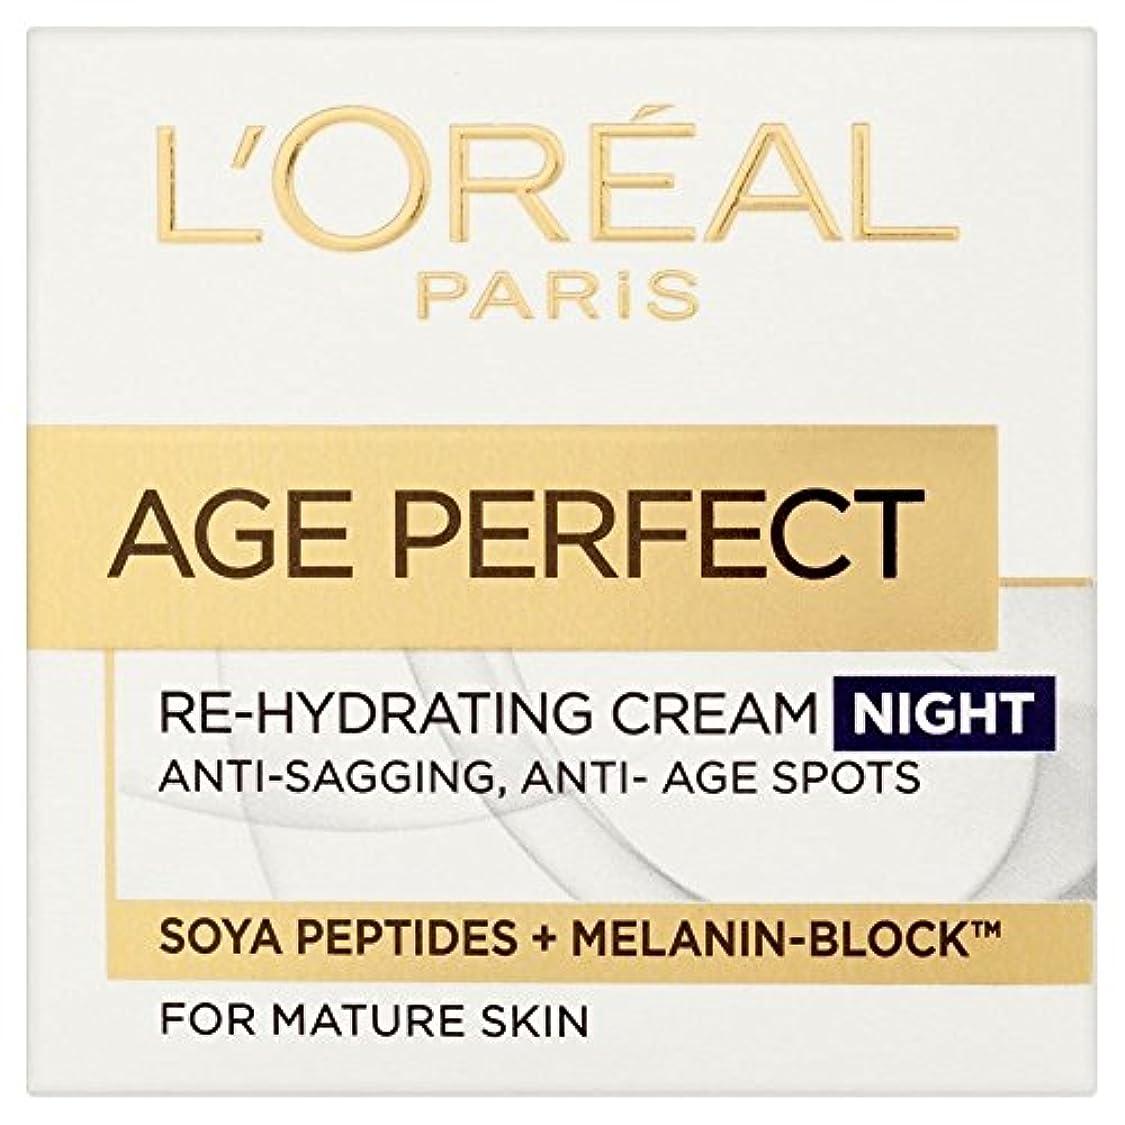 真鍮条約良性L'Oréal Paris Alter Perfekte Pro-Calcium-Stärkende Nachtcreme 50 Ml - Packung mit 2